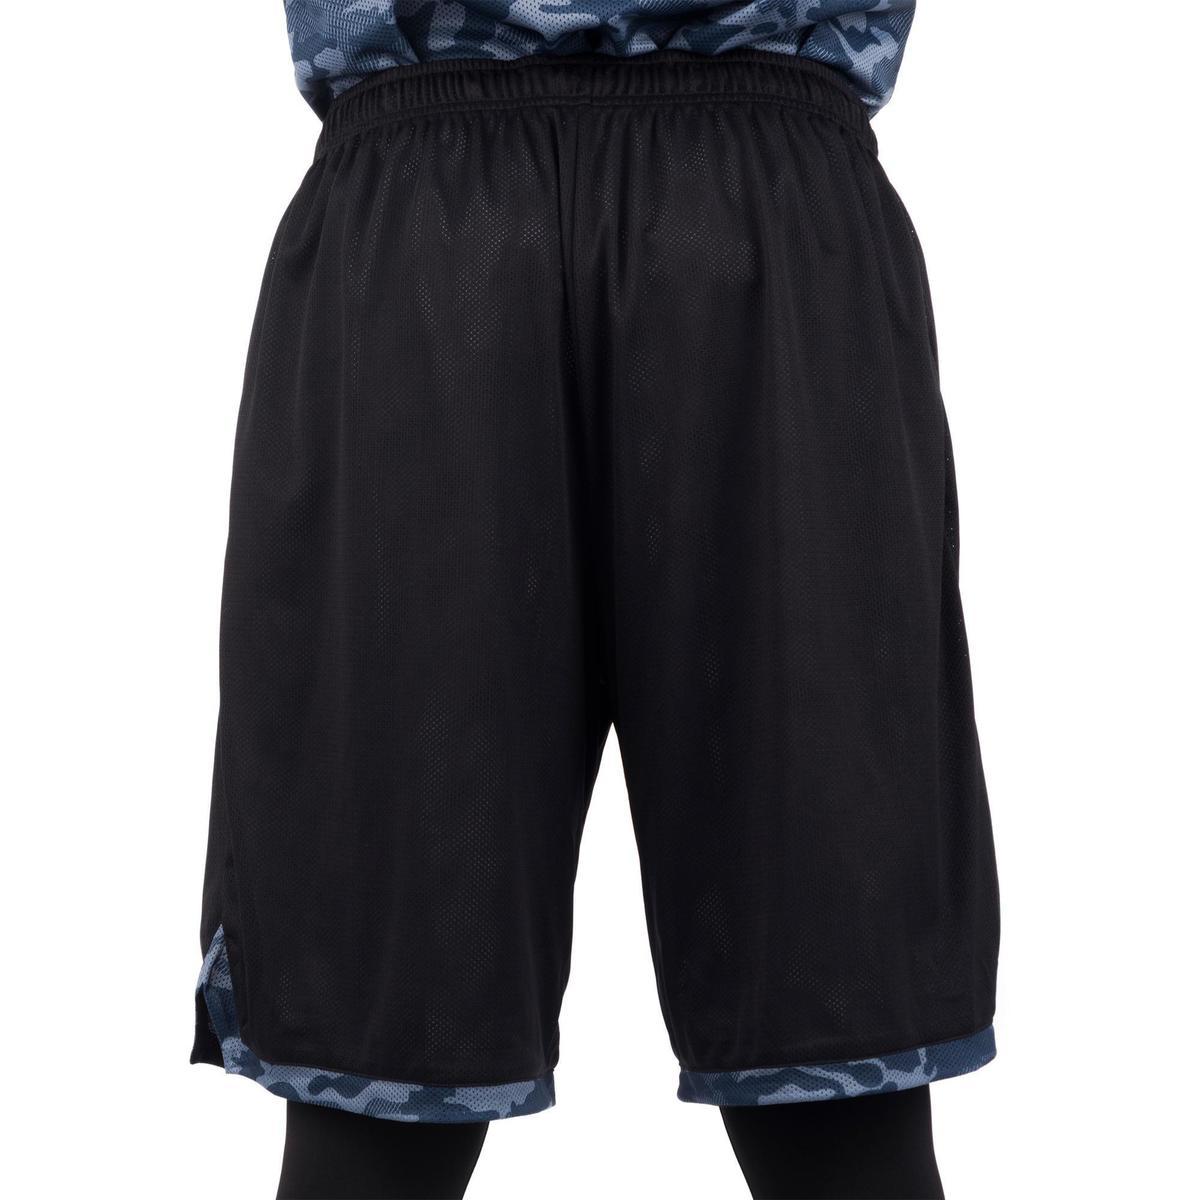 Bild 5 von Basketball Wendeshorts Herren schwarz/camouflage grau